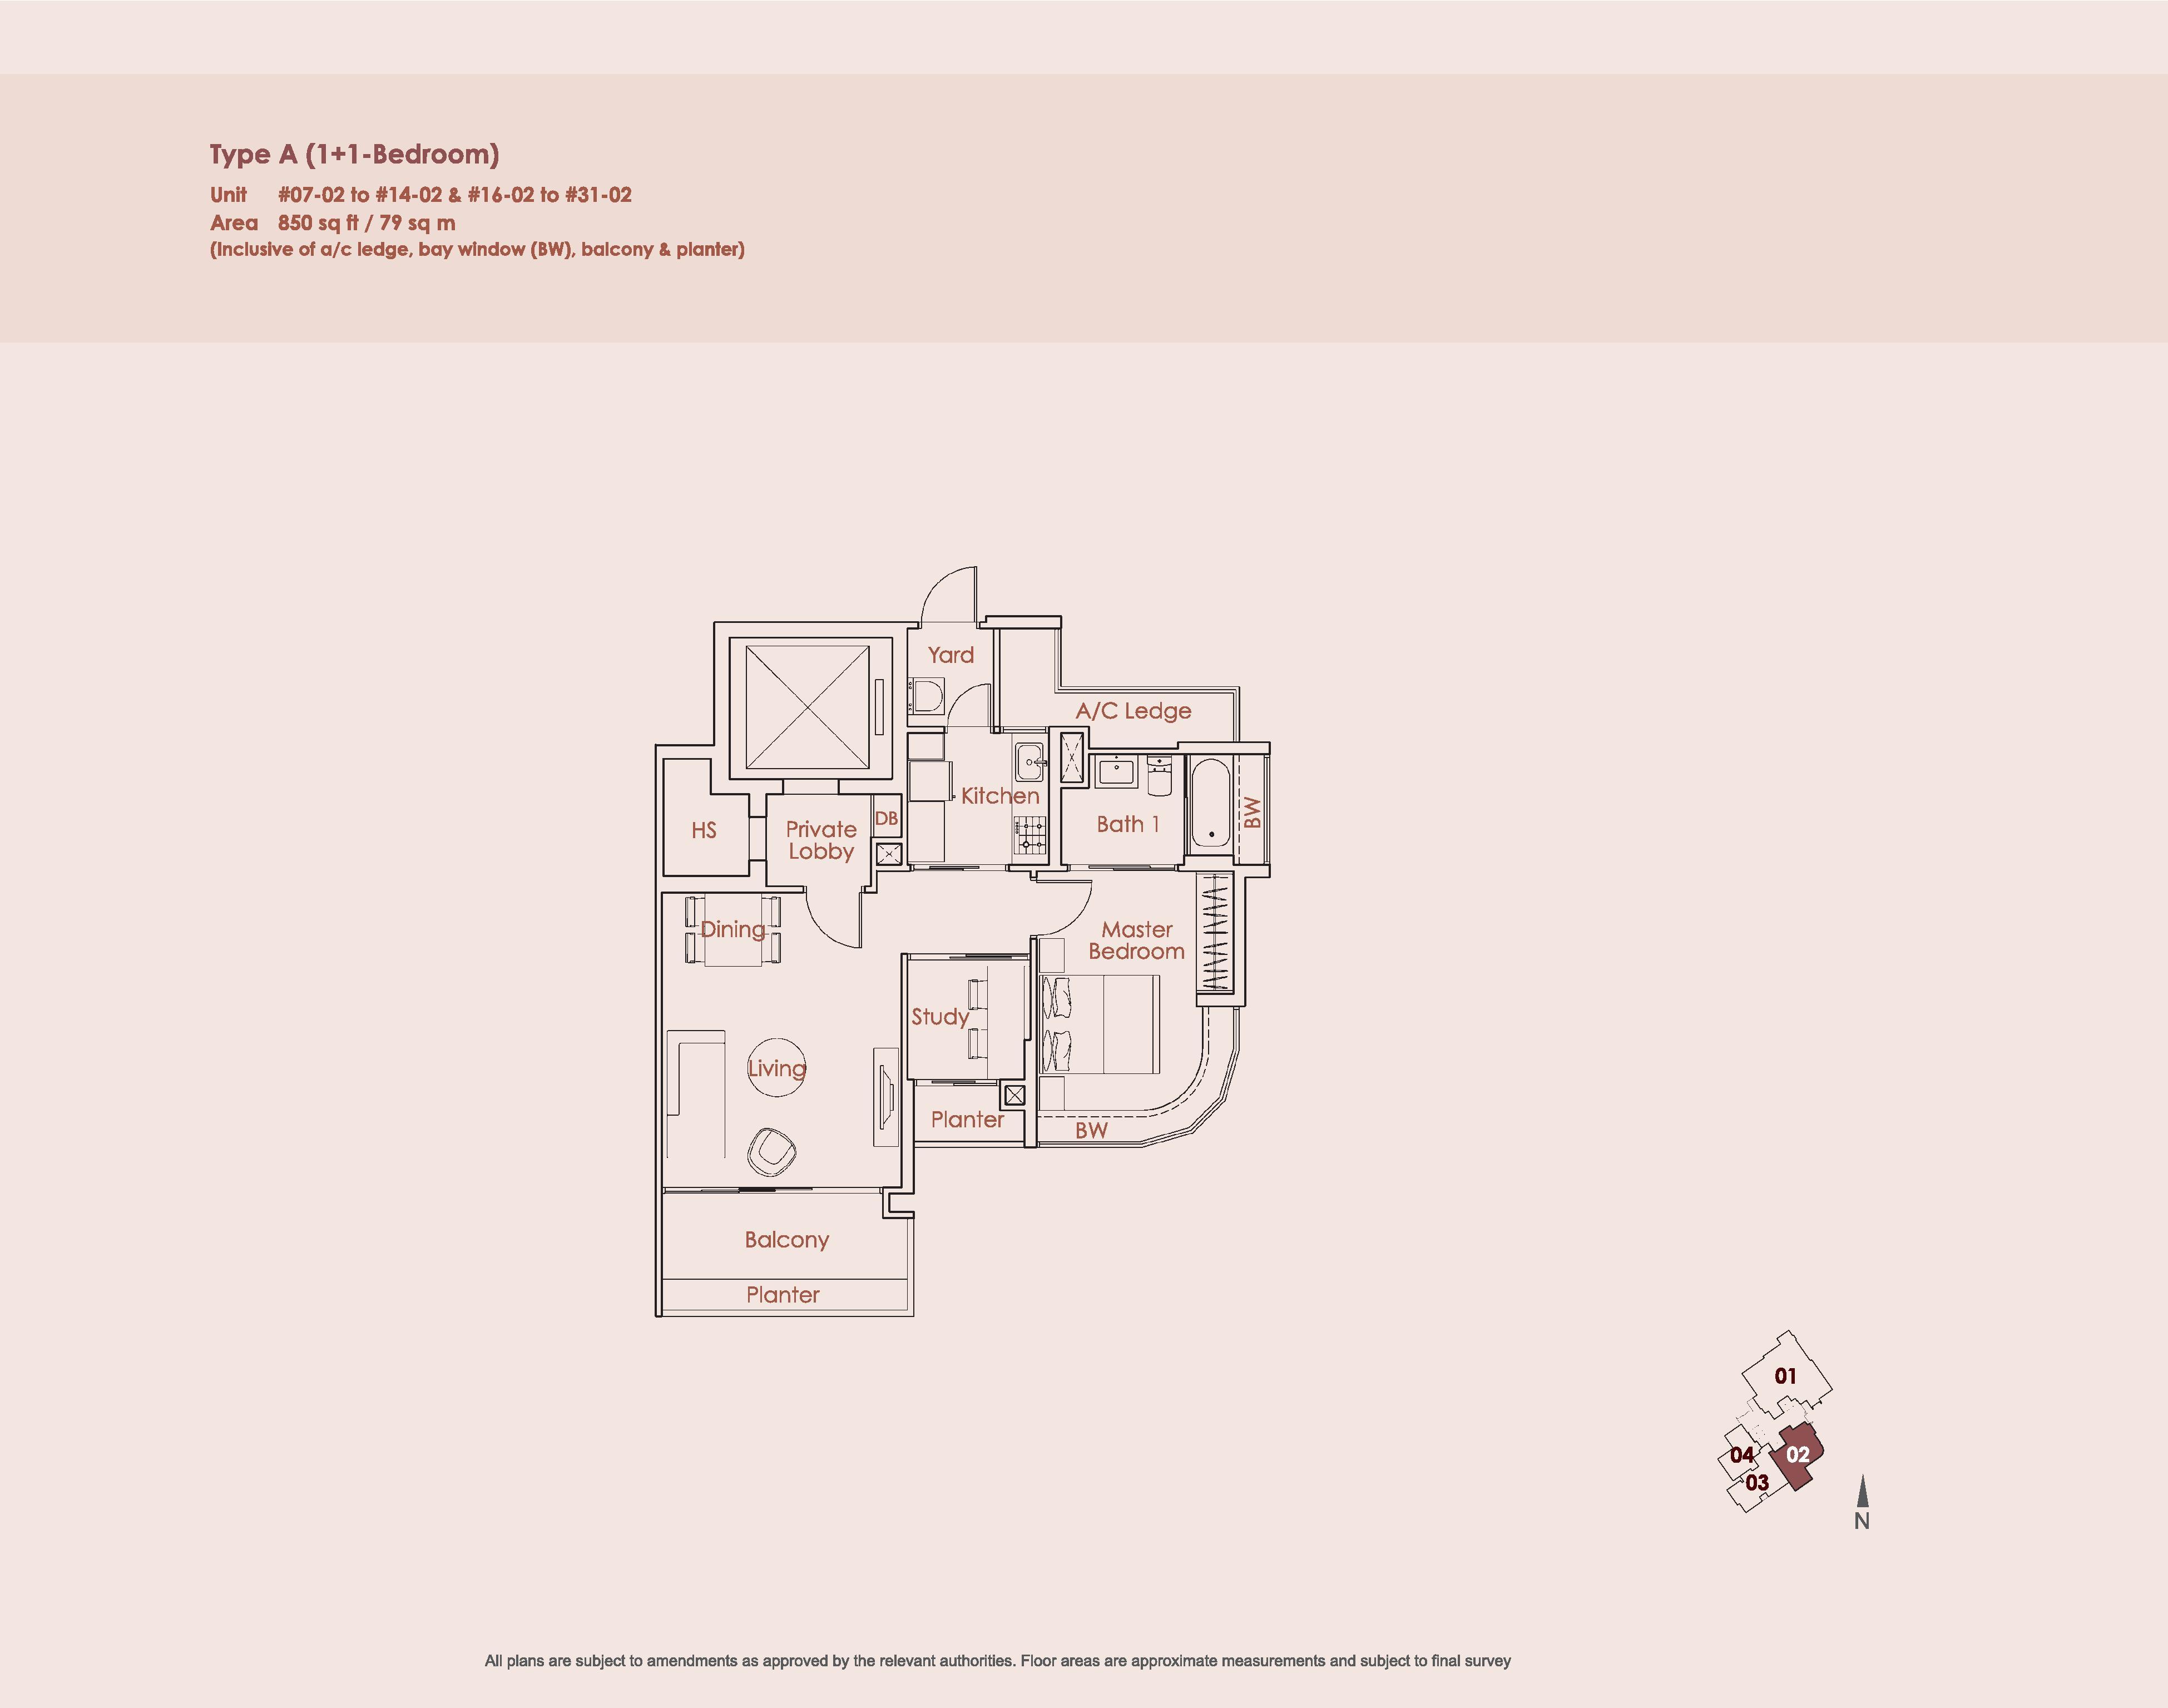 Starlight Suites Type A 1 Bedroom + Study Floor Plan